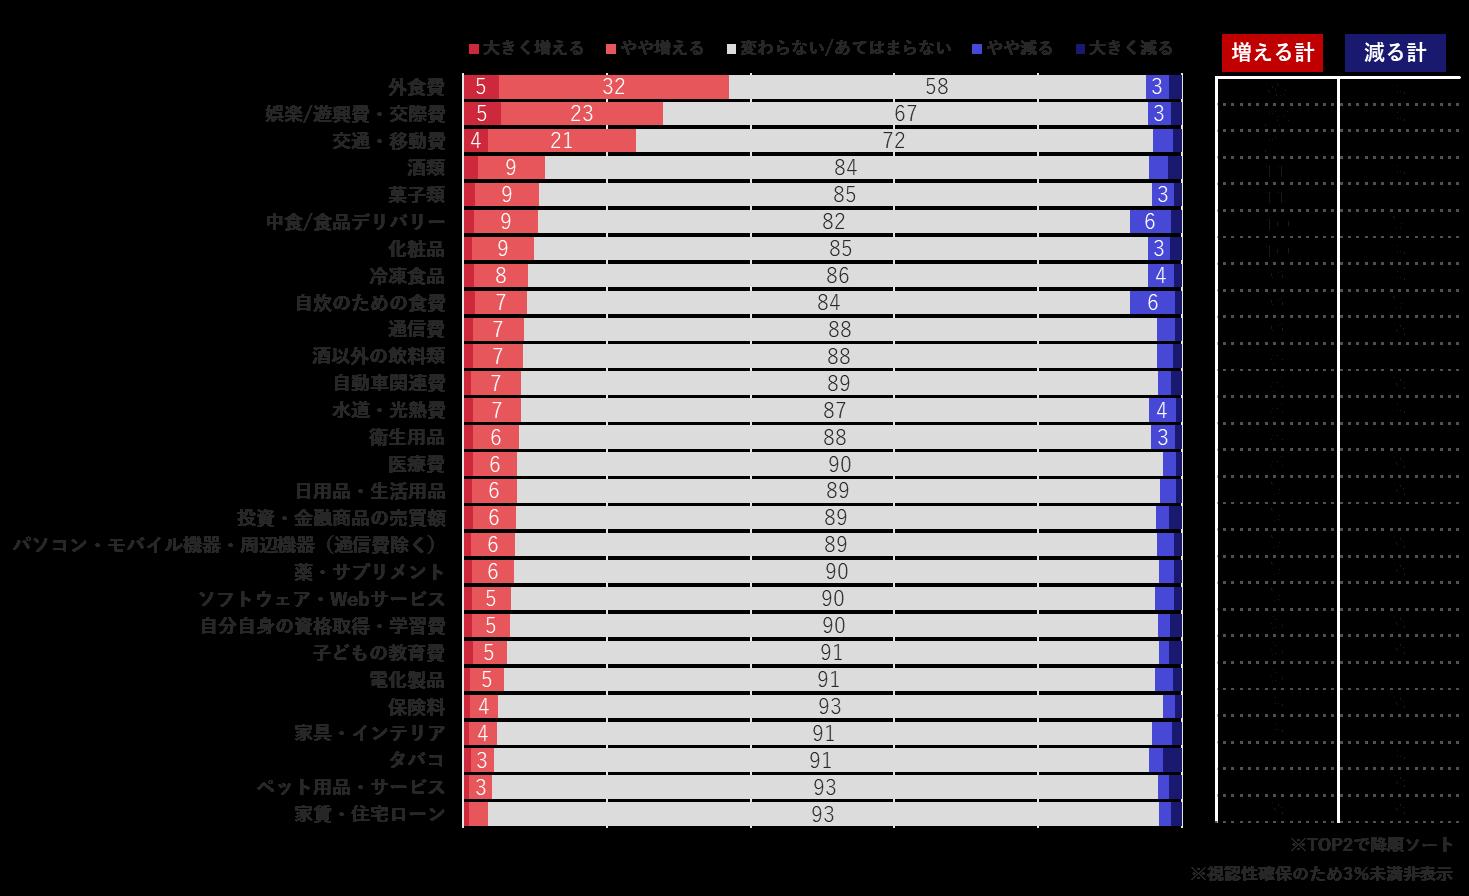 【出典】ワクチン接種が進んだ場合の消費増減予測(ロイヤリティマーケティング)